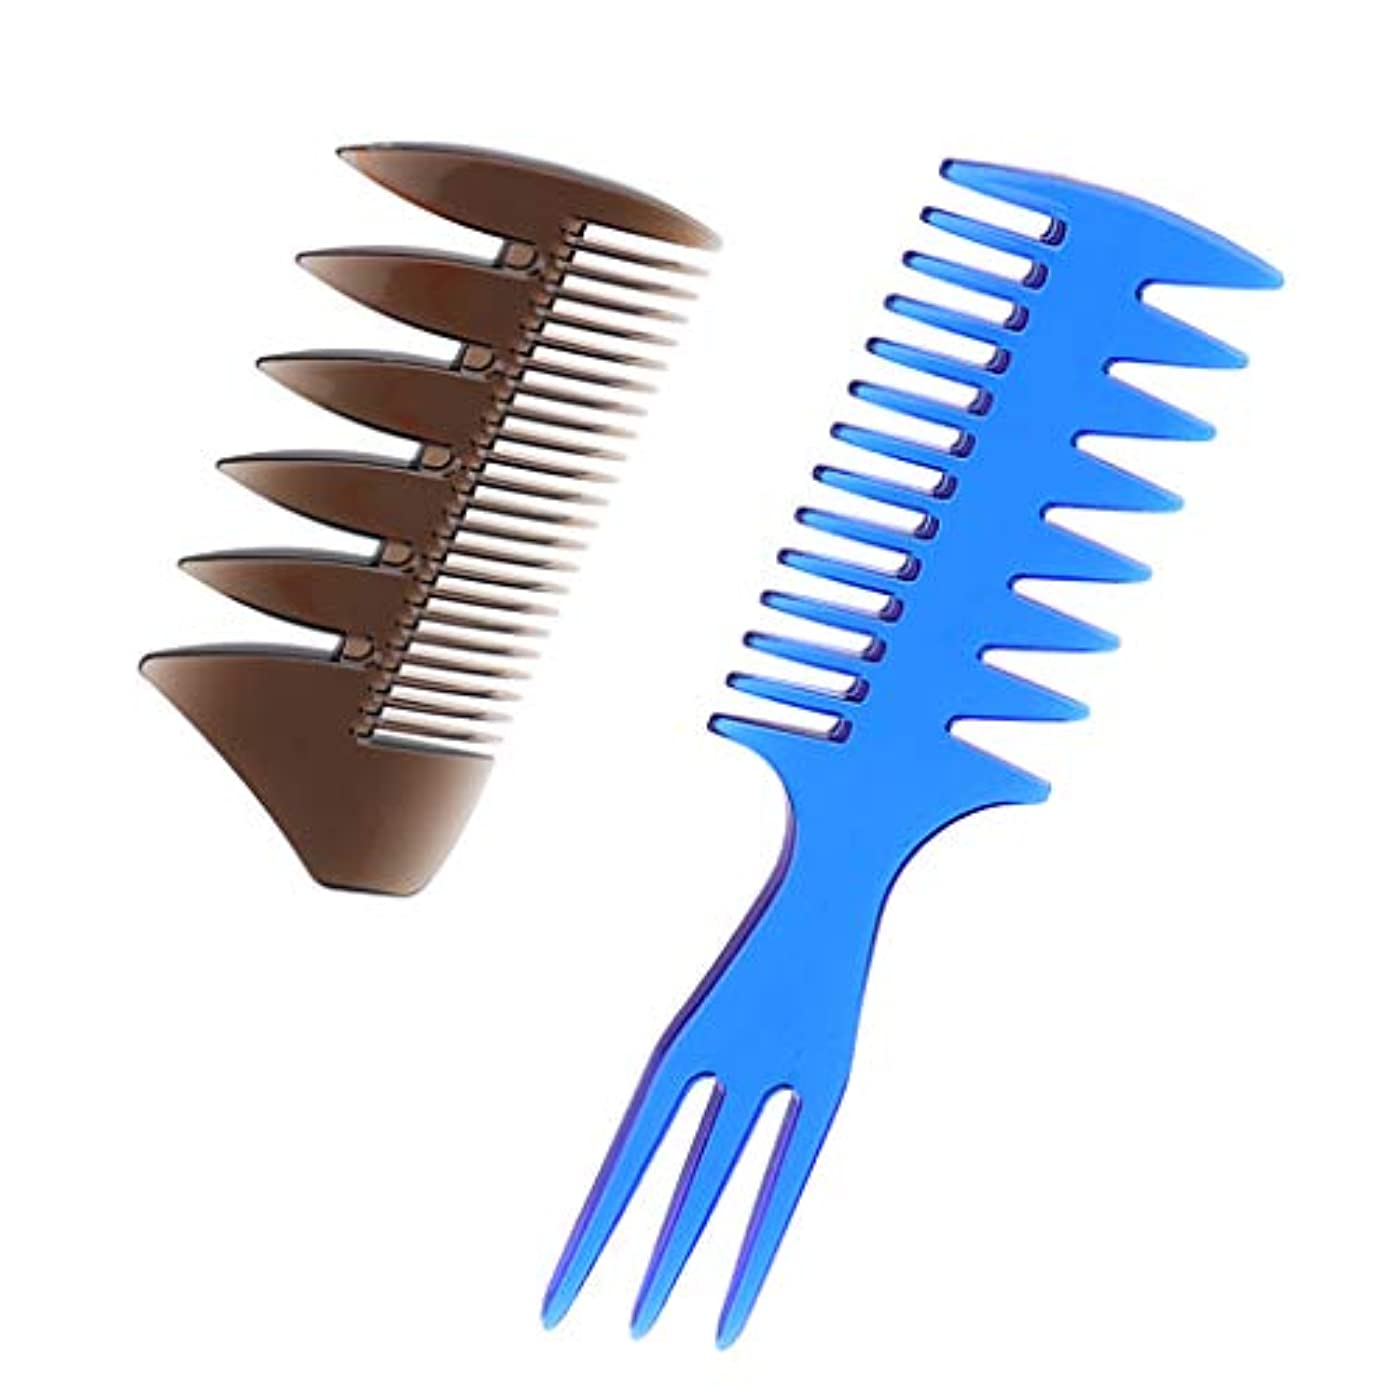 受動的記事管理2本 広い歯櫛 コーム 3-in-1櫛 2-in-1櫛 多目的 ヘアサロン 美容師